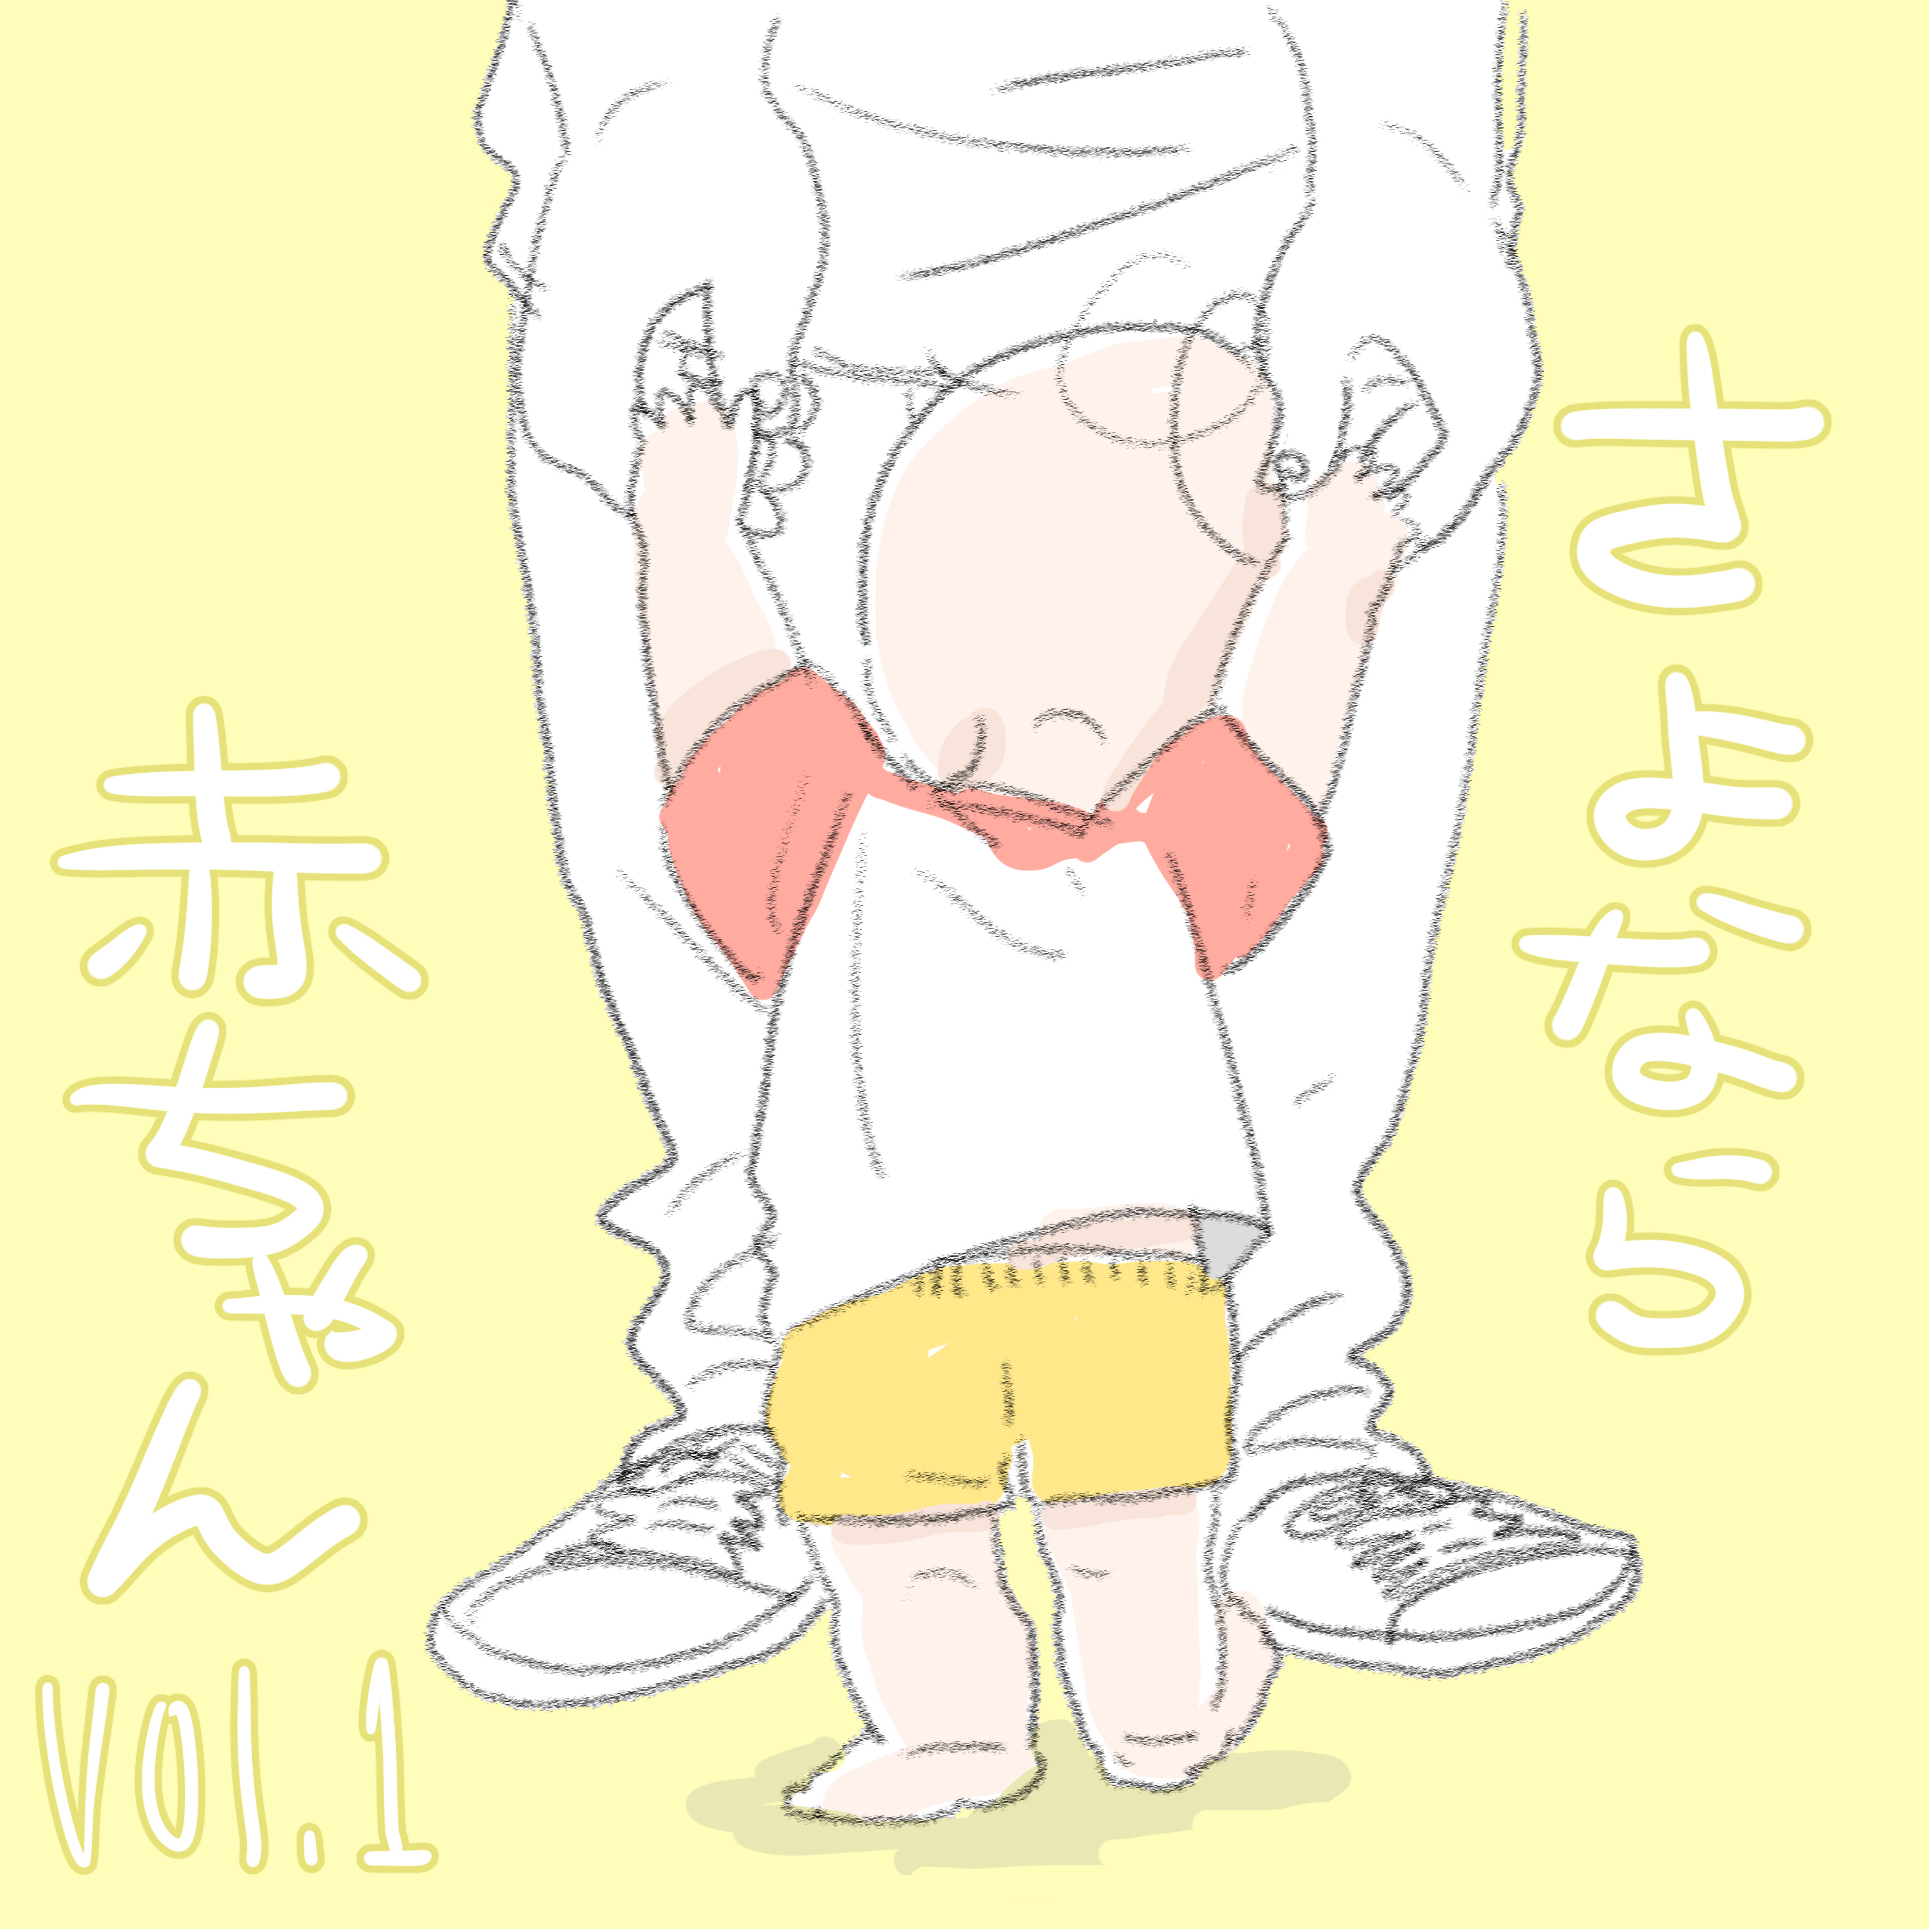 ヲチ 日記 インスタ 育児 インスタ育児関連ヲチ★136(妊婦日記OK)